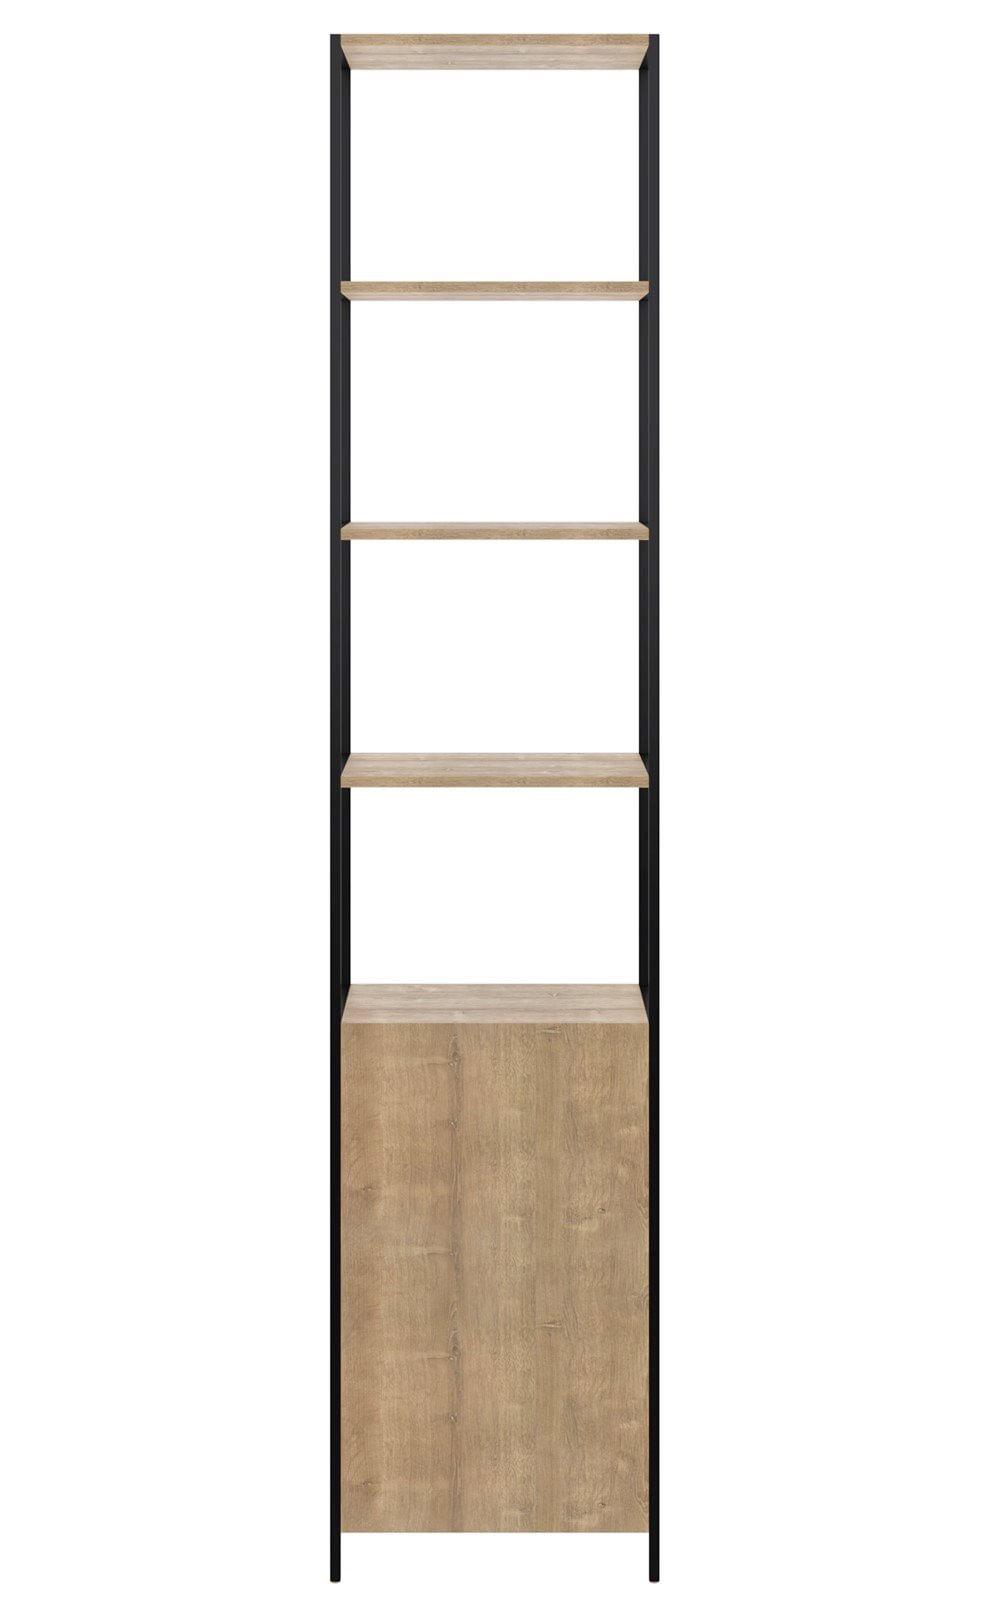 Estante Kea 1 Porta Vermont 45 cm (LARG) - 40115